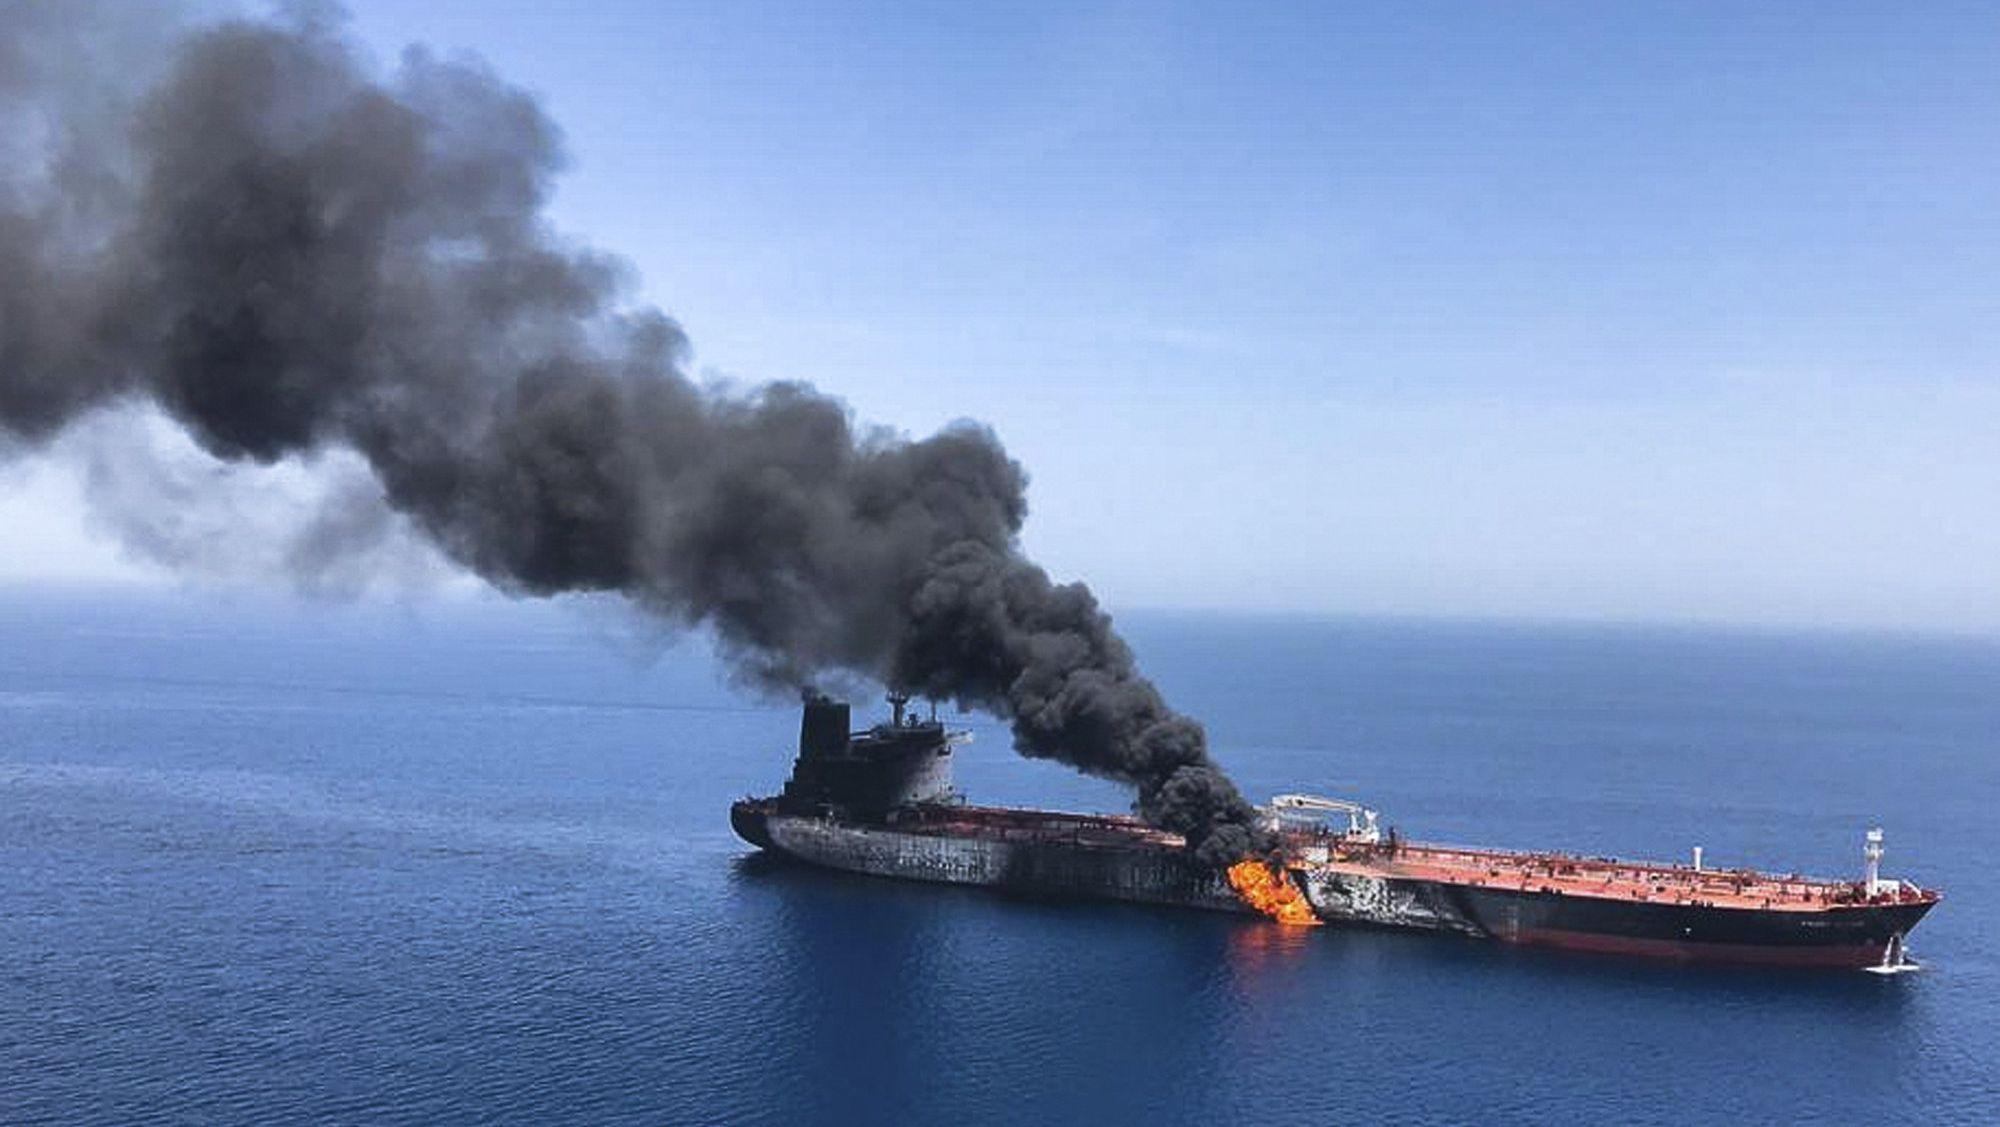 Angriffe auf zwei Öltanker in der Nähe des Persischen Golfs